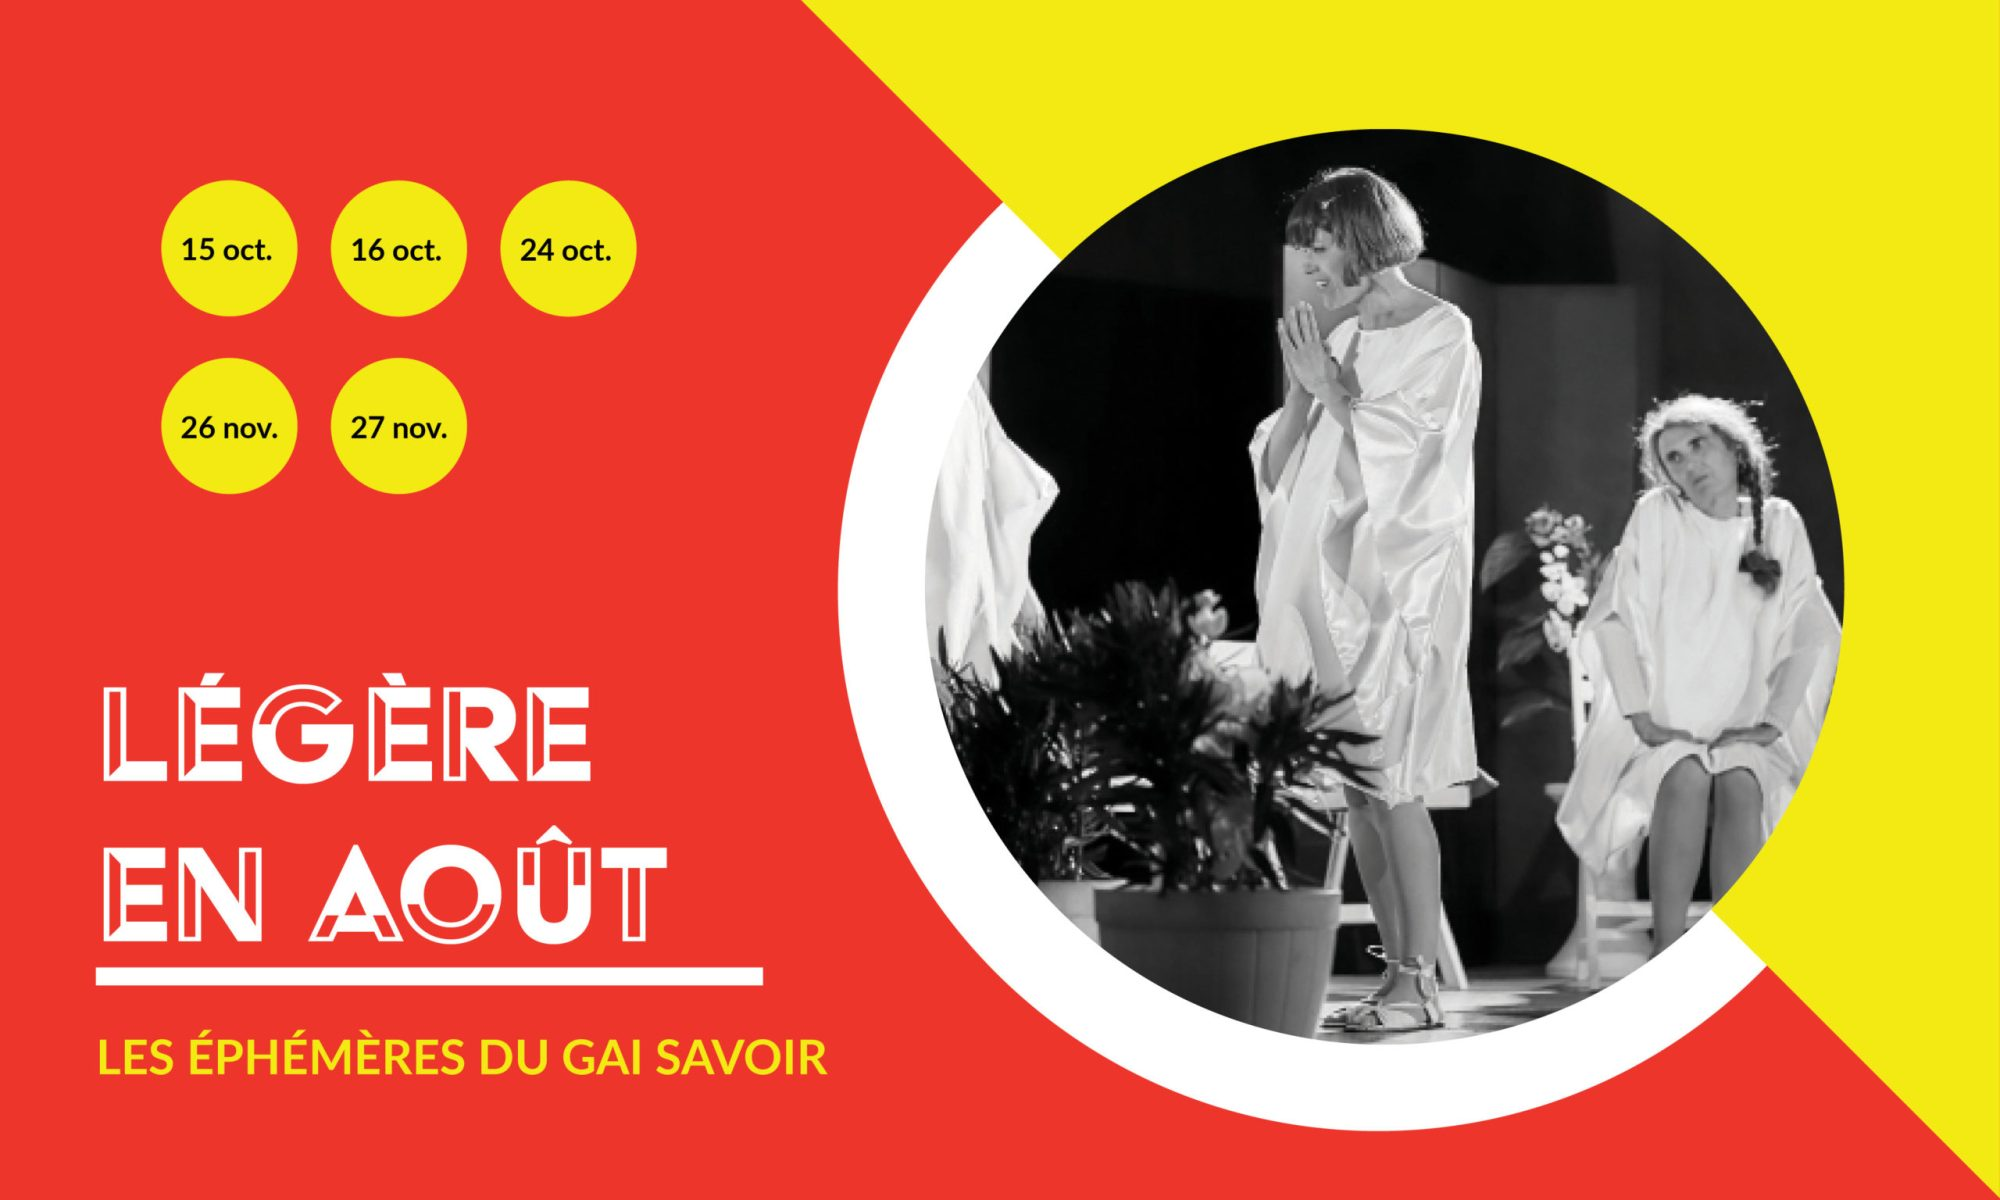 Légère en août au théâtre du Gai Savoir à Lyon